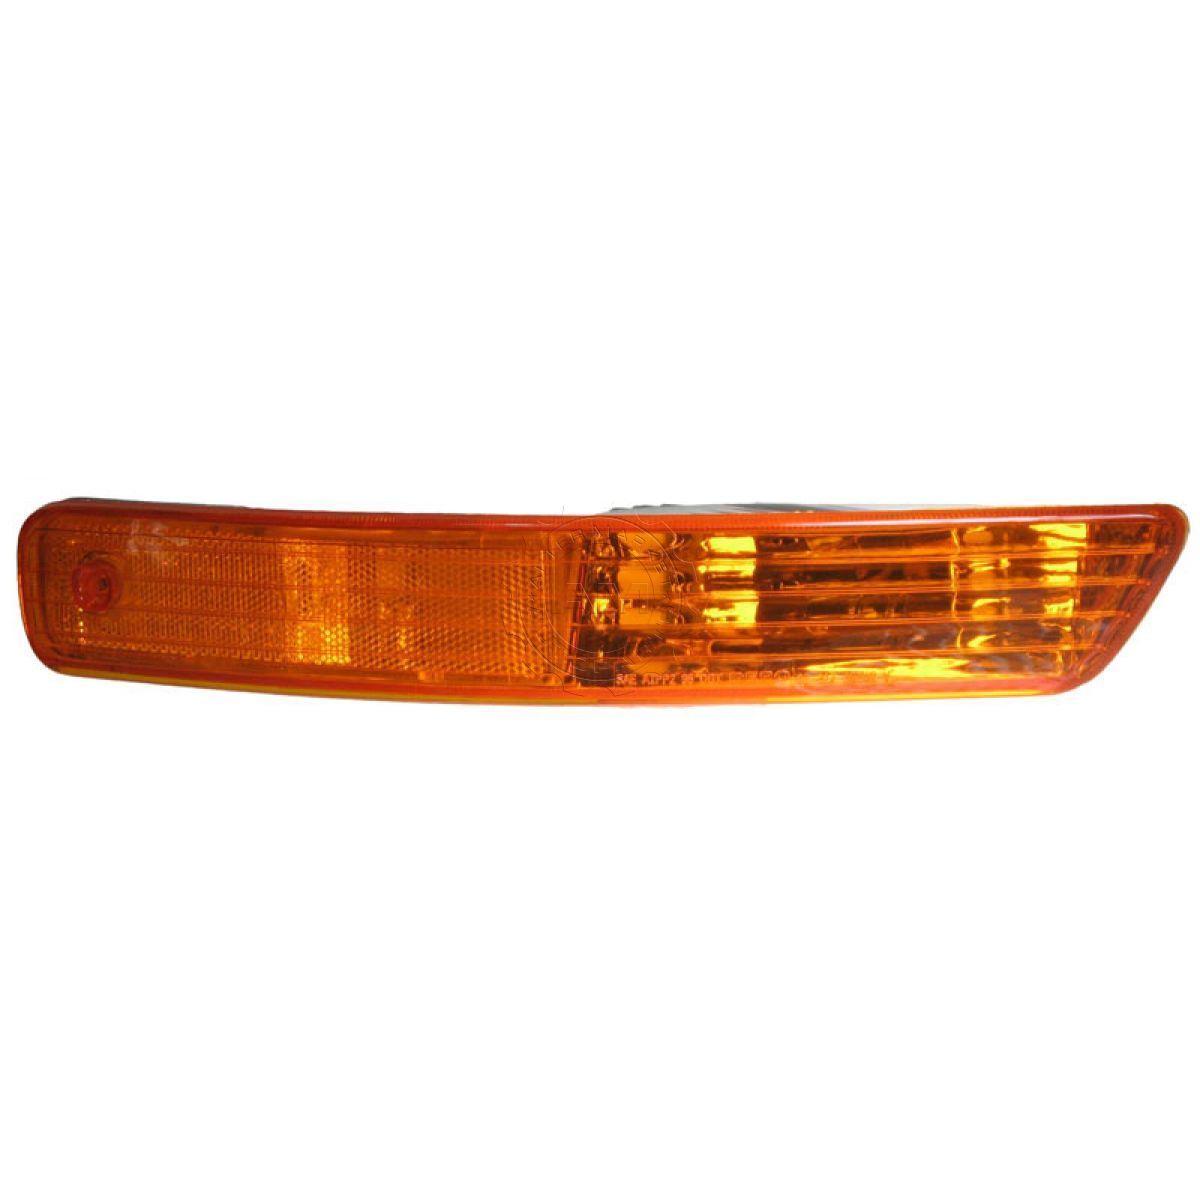 コーナーライト Front Side marker Light Right RH 98 99 00 0 for Integra フロントサイドマーカーライトライトRH 98 99 00 0 Integra